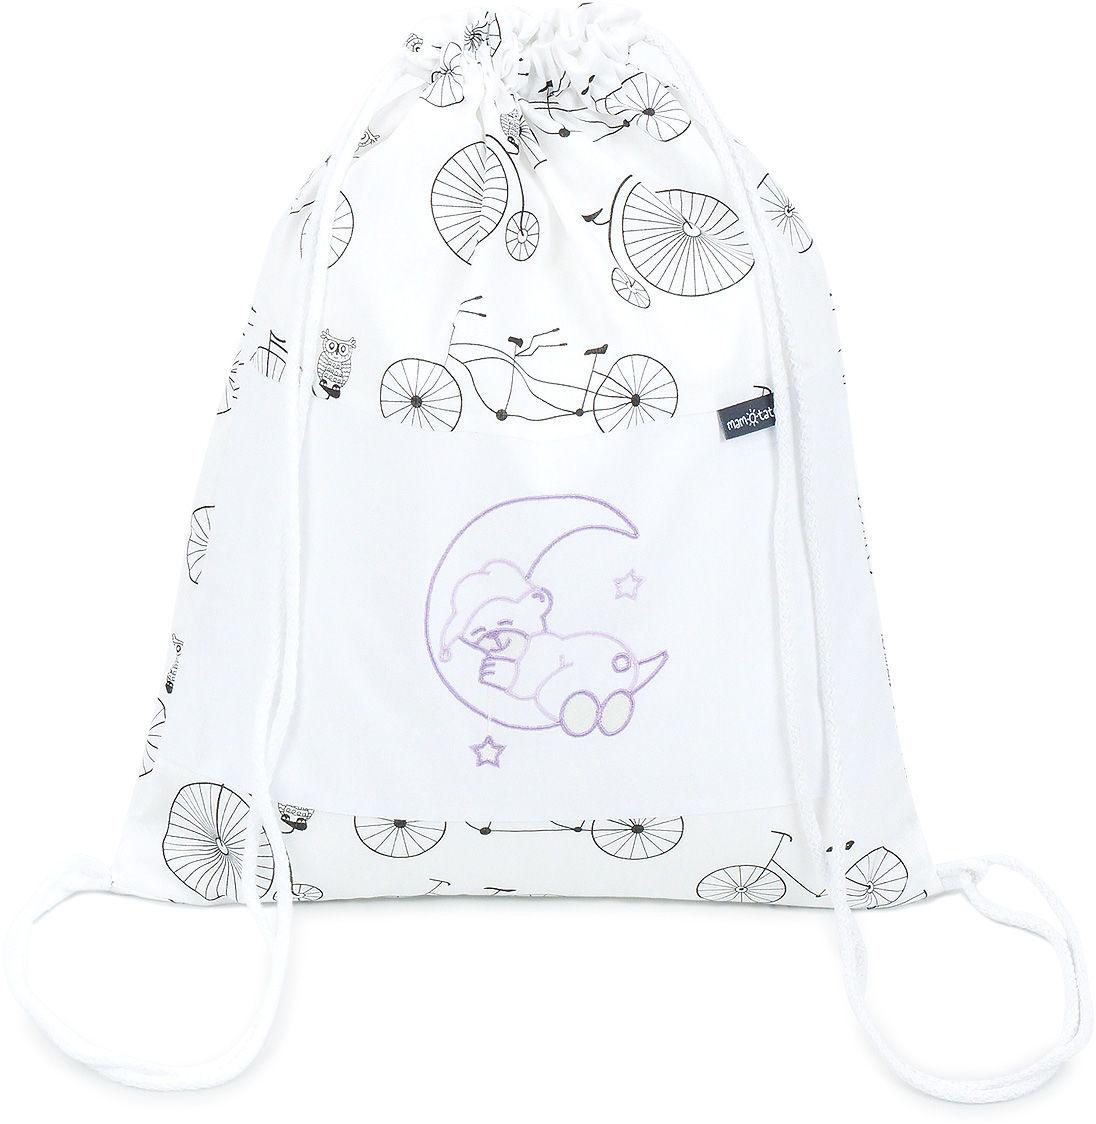 Plecak / worek bawełniany dla dzieci - Rowery / miś na księżycu lawendowy